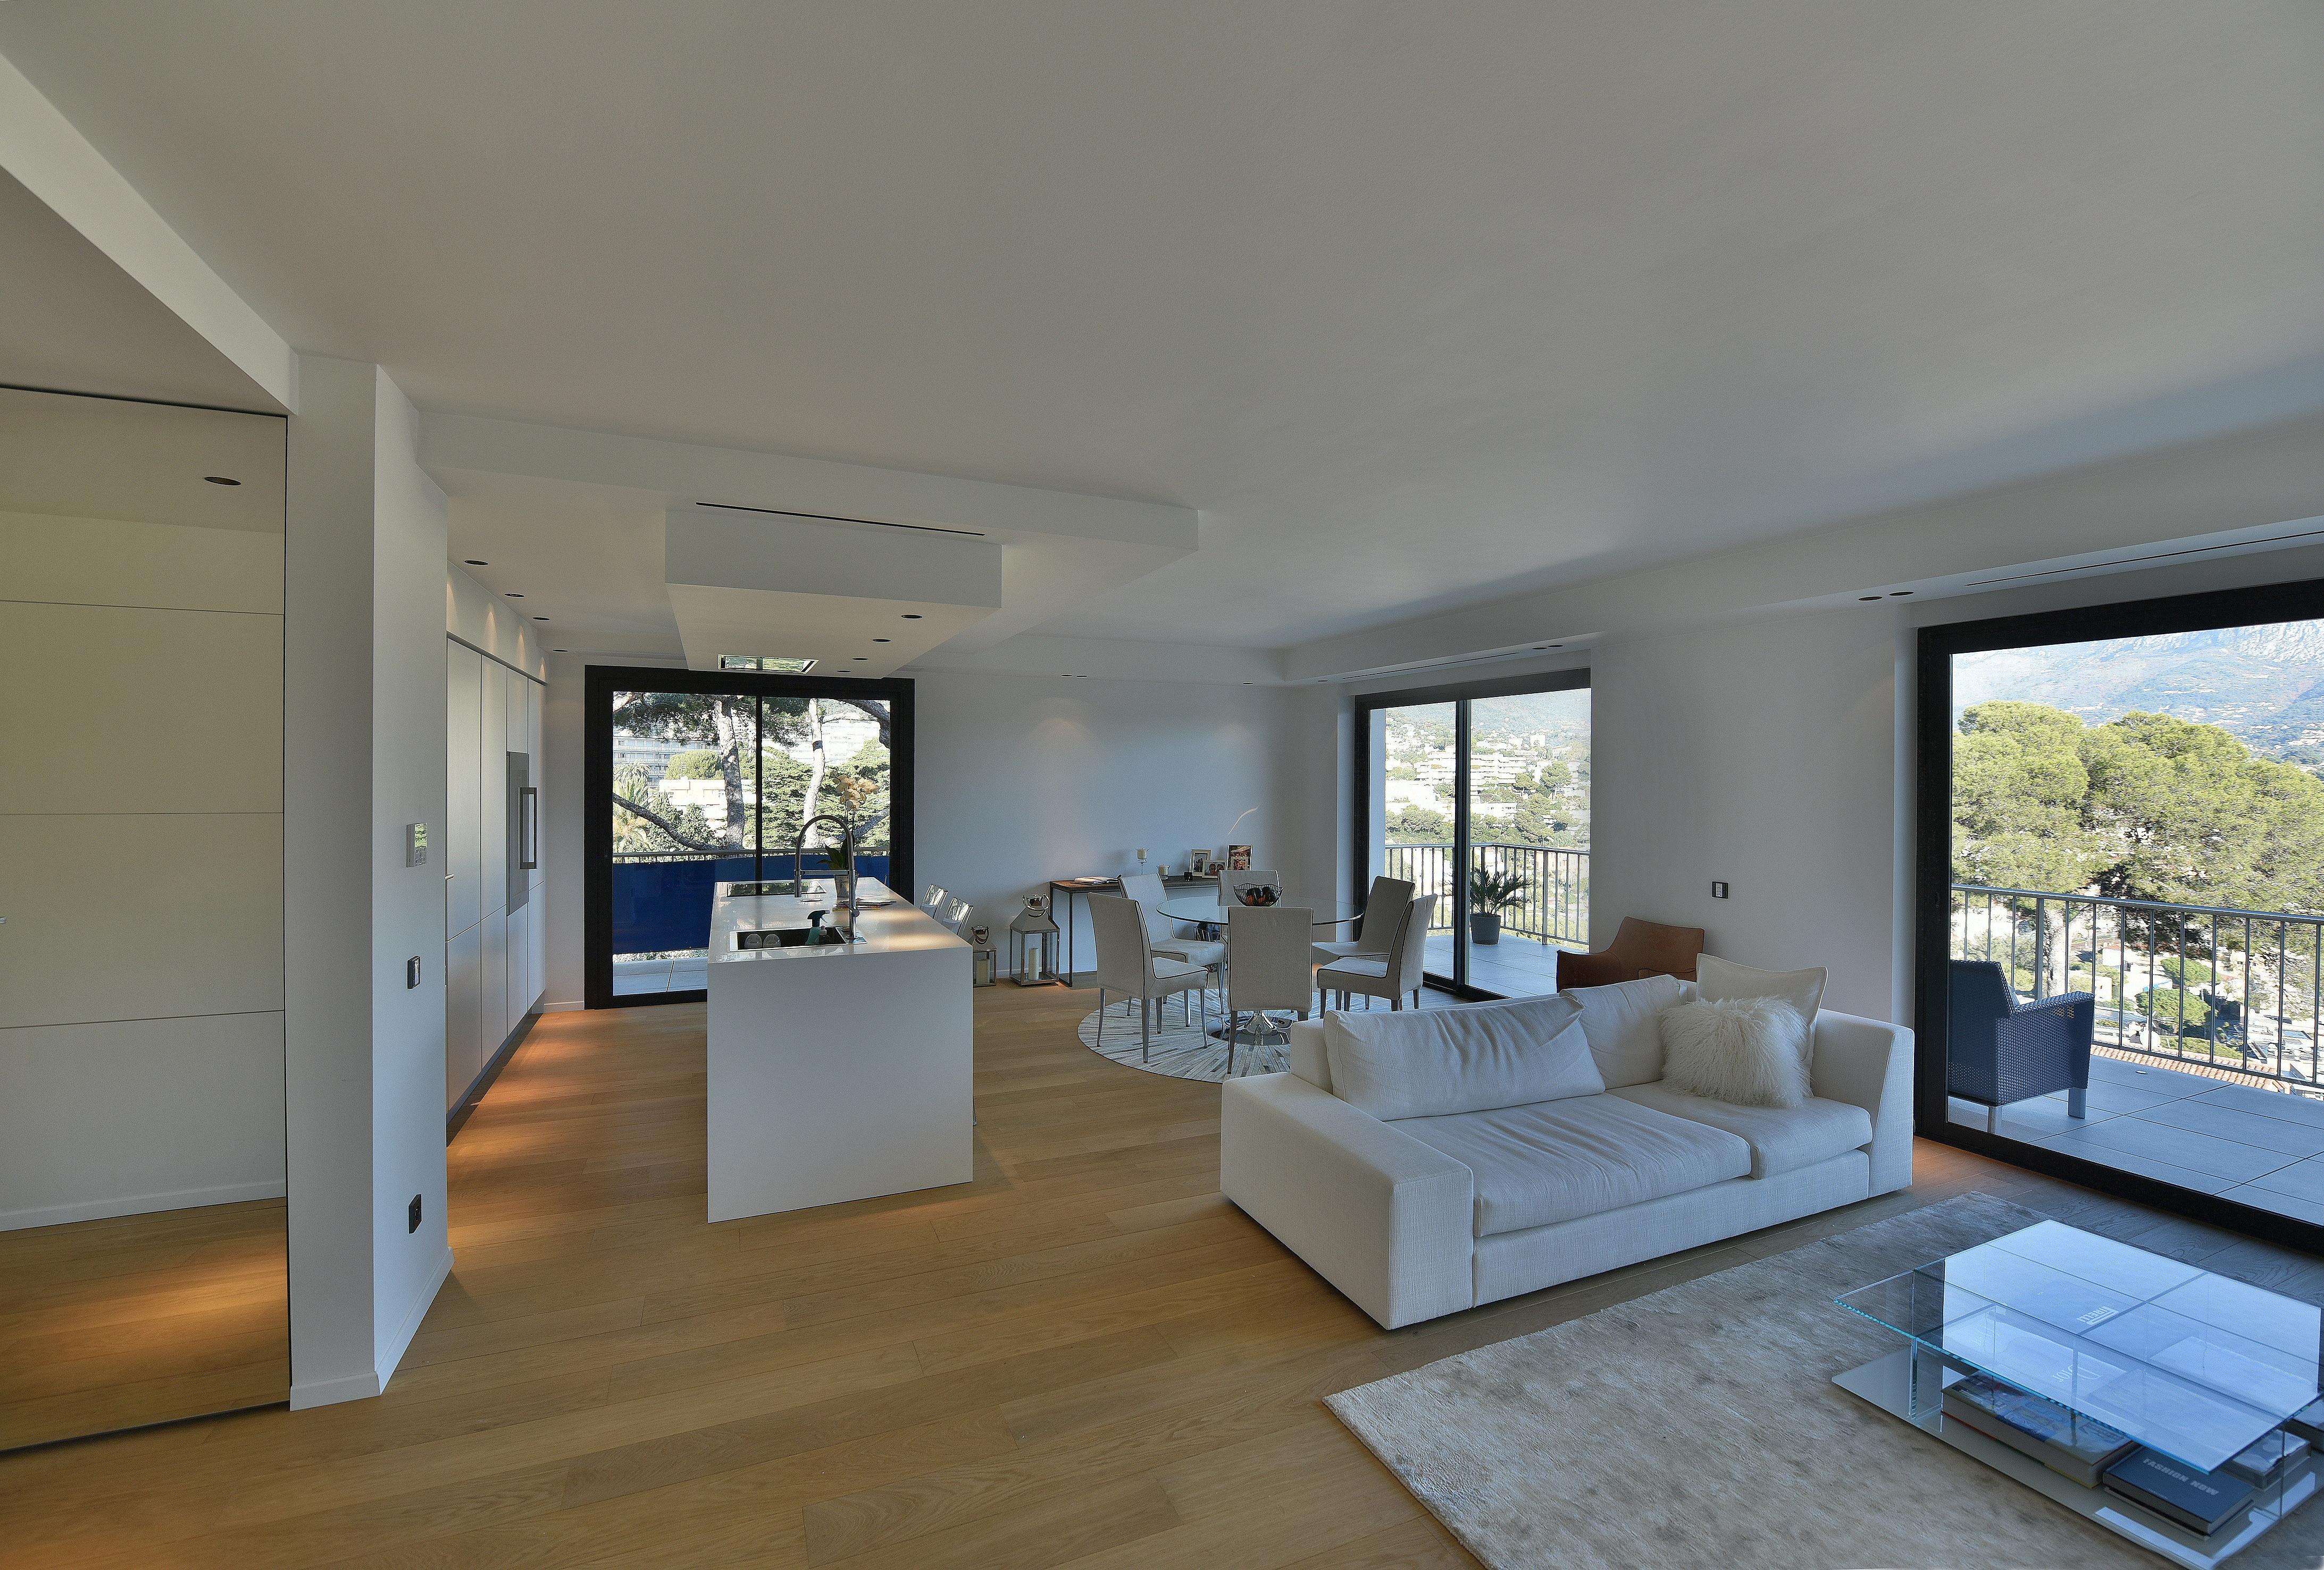 Maison Parquet Ou Carrelage parquet-maison-moderne-plancher-bois - jdo carrelage & bains